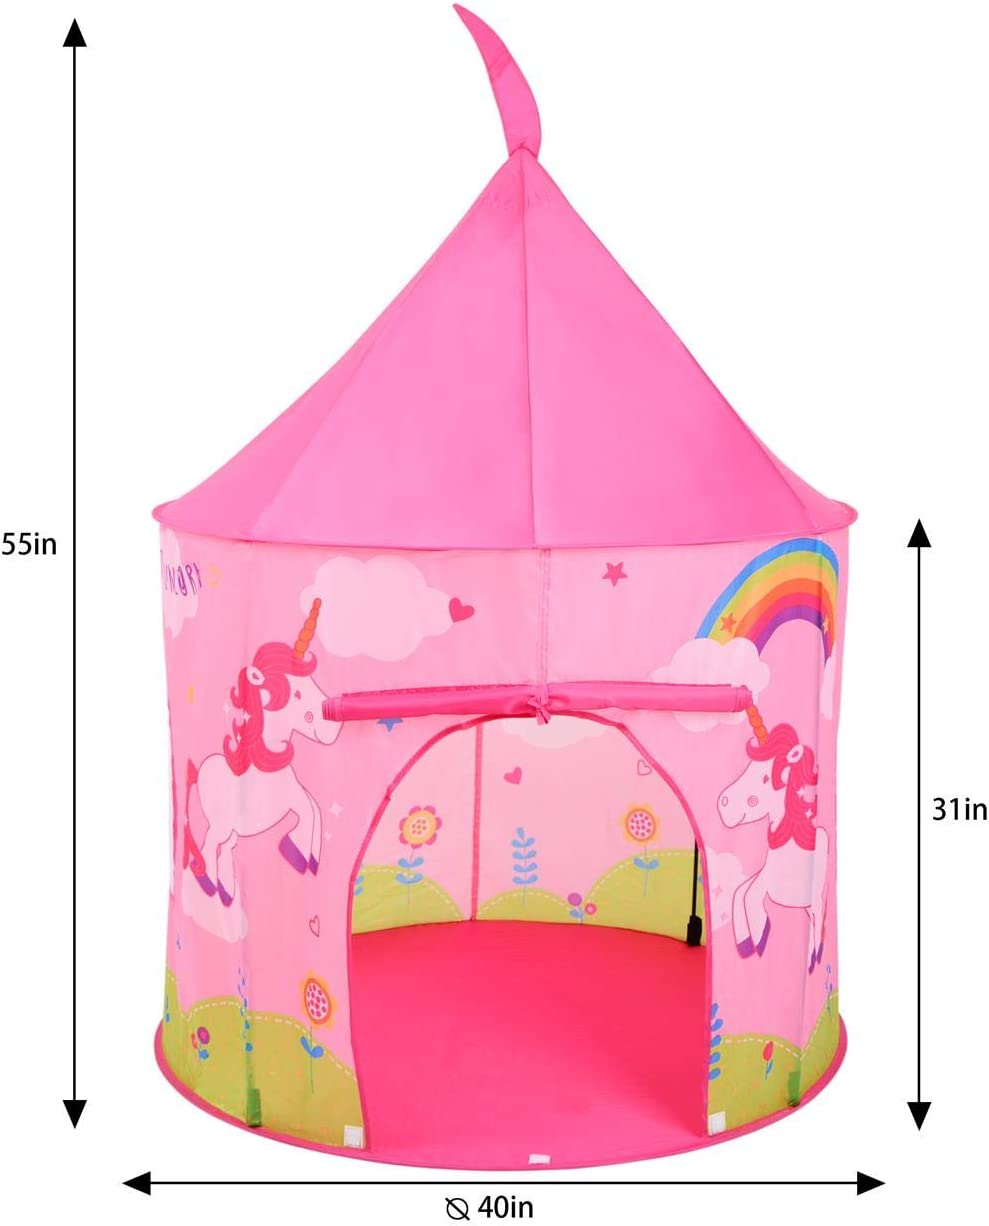 SOKA Play Tent Blue Pop Up Ocean Indoor or Outdoor Garden Playhouse Tent for Kids Childrens